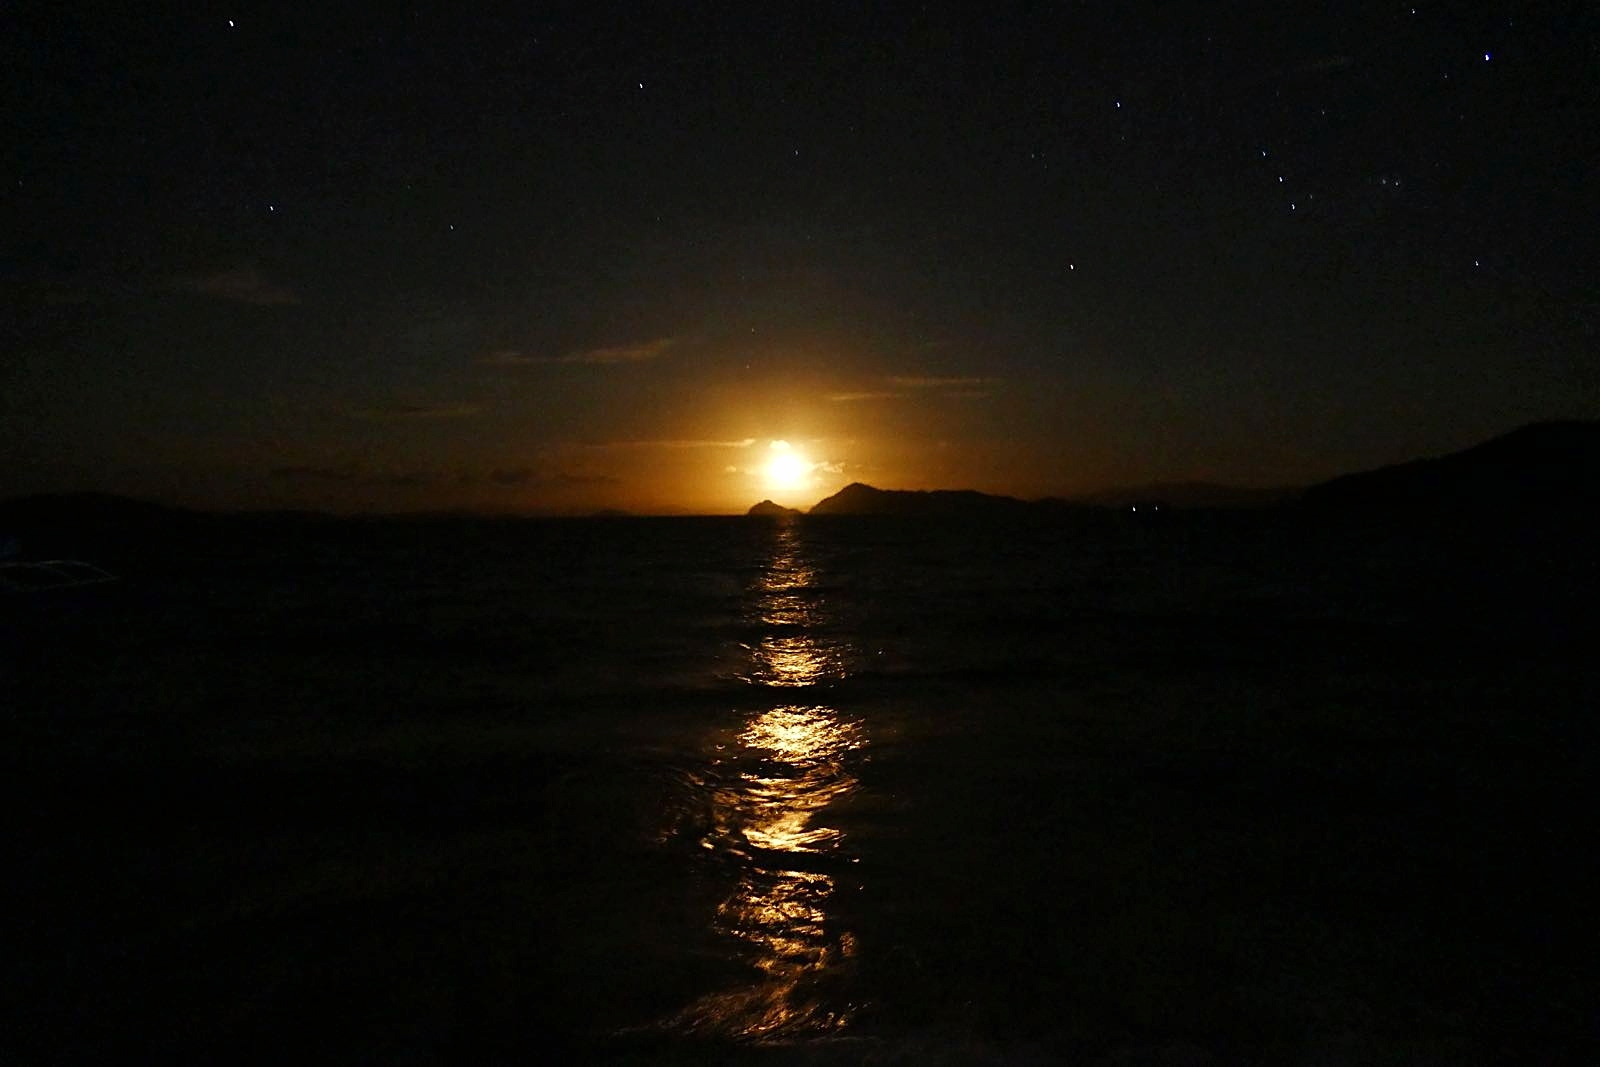 Der Mond Aufgang - wow